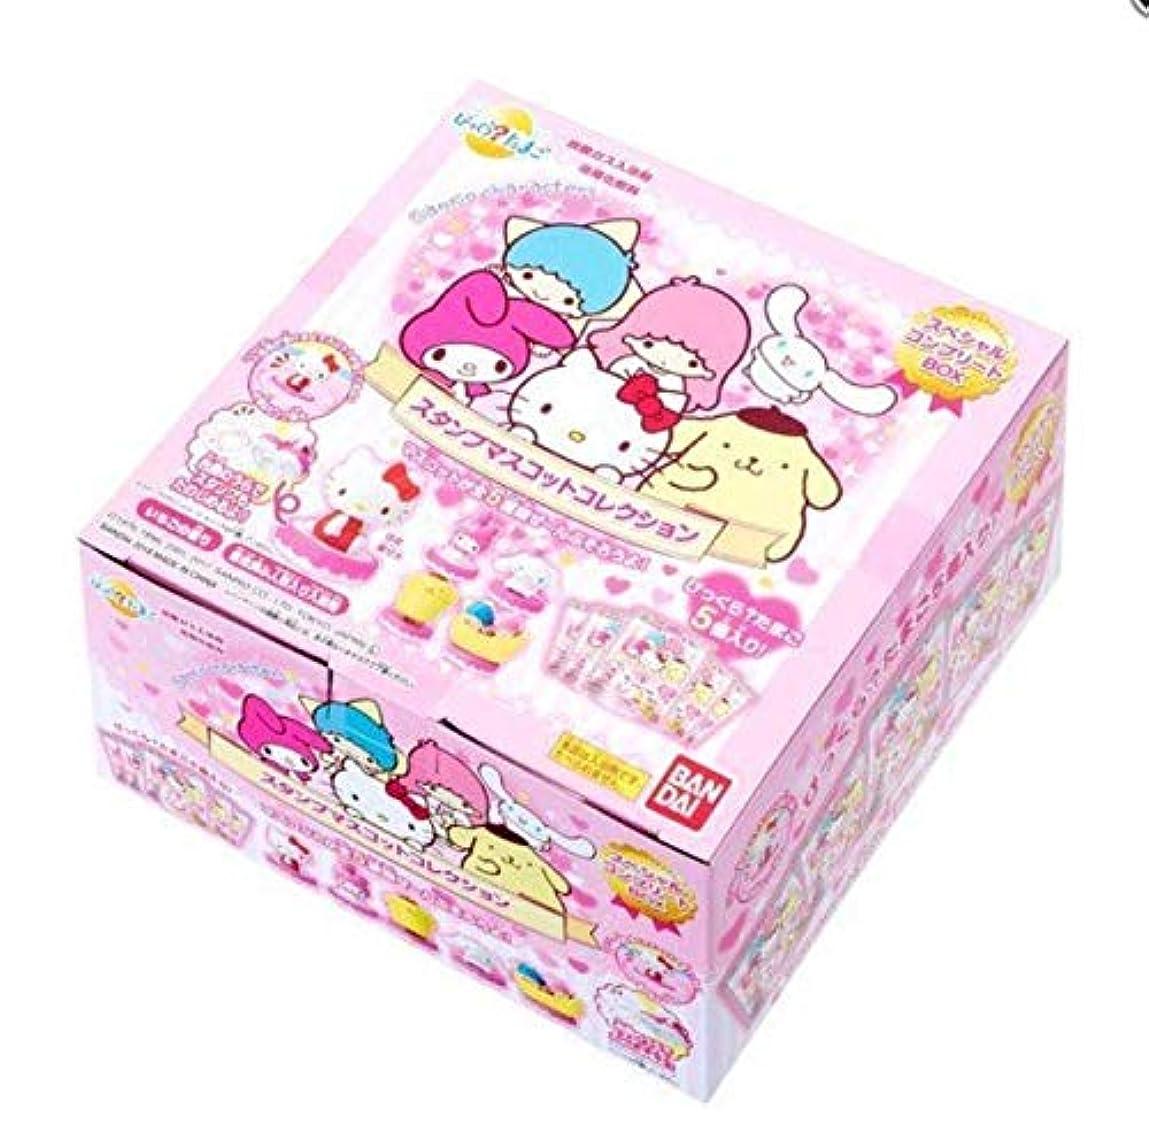 猫背参加する記者びっくら?たまご サンリオキャラクターズ スタンプマスコットコレクション スペシャルコンプリートBOX